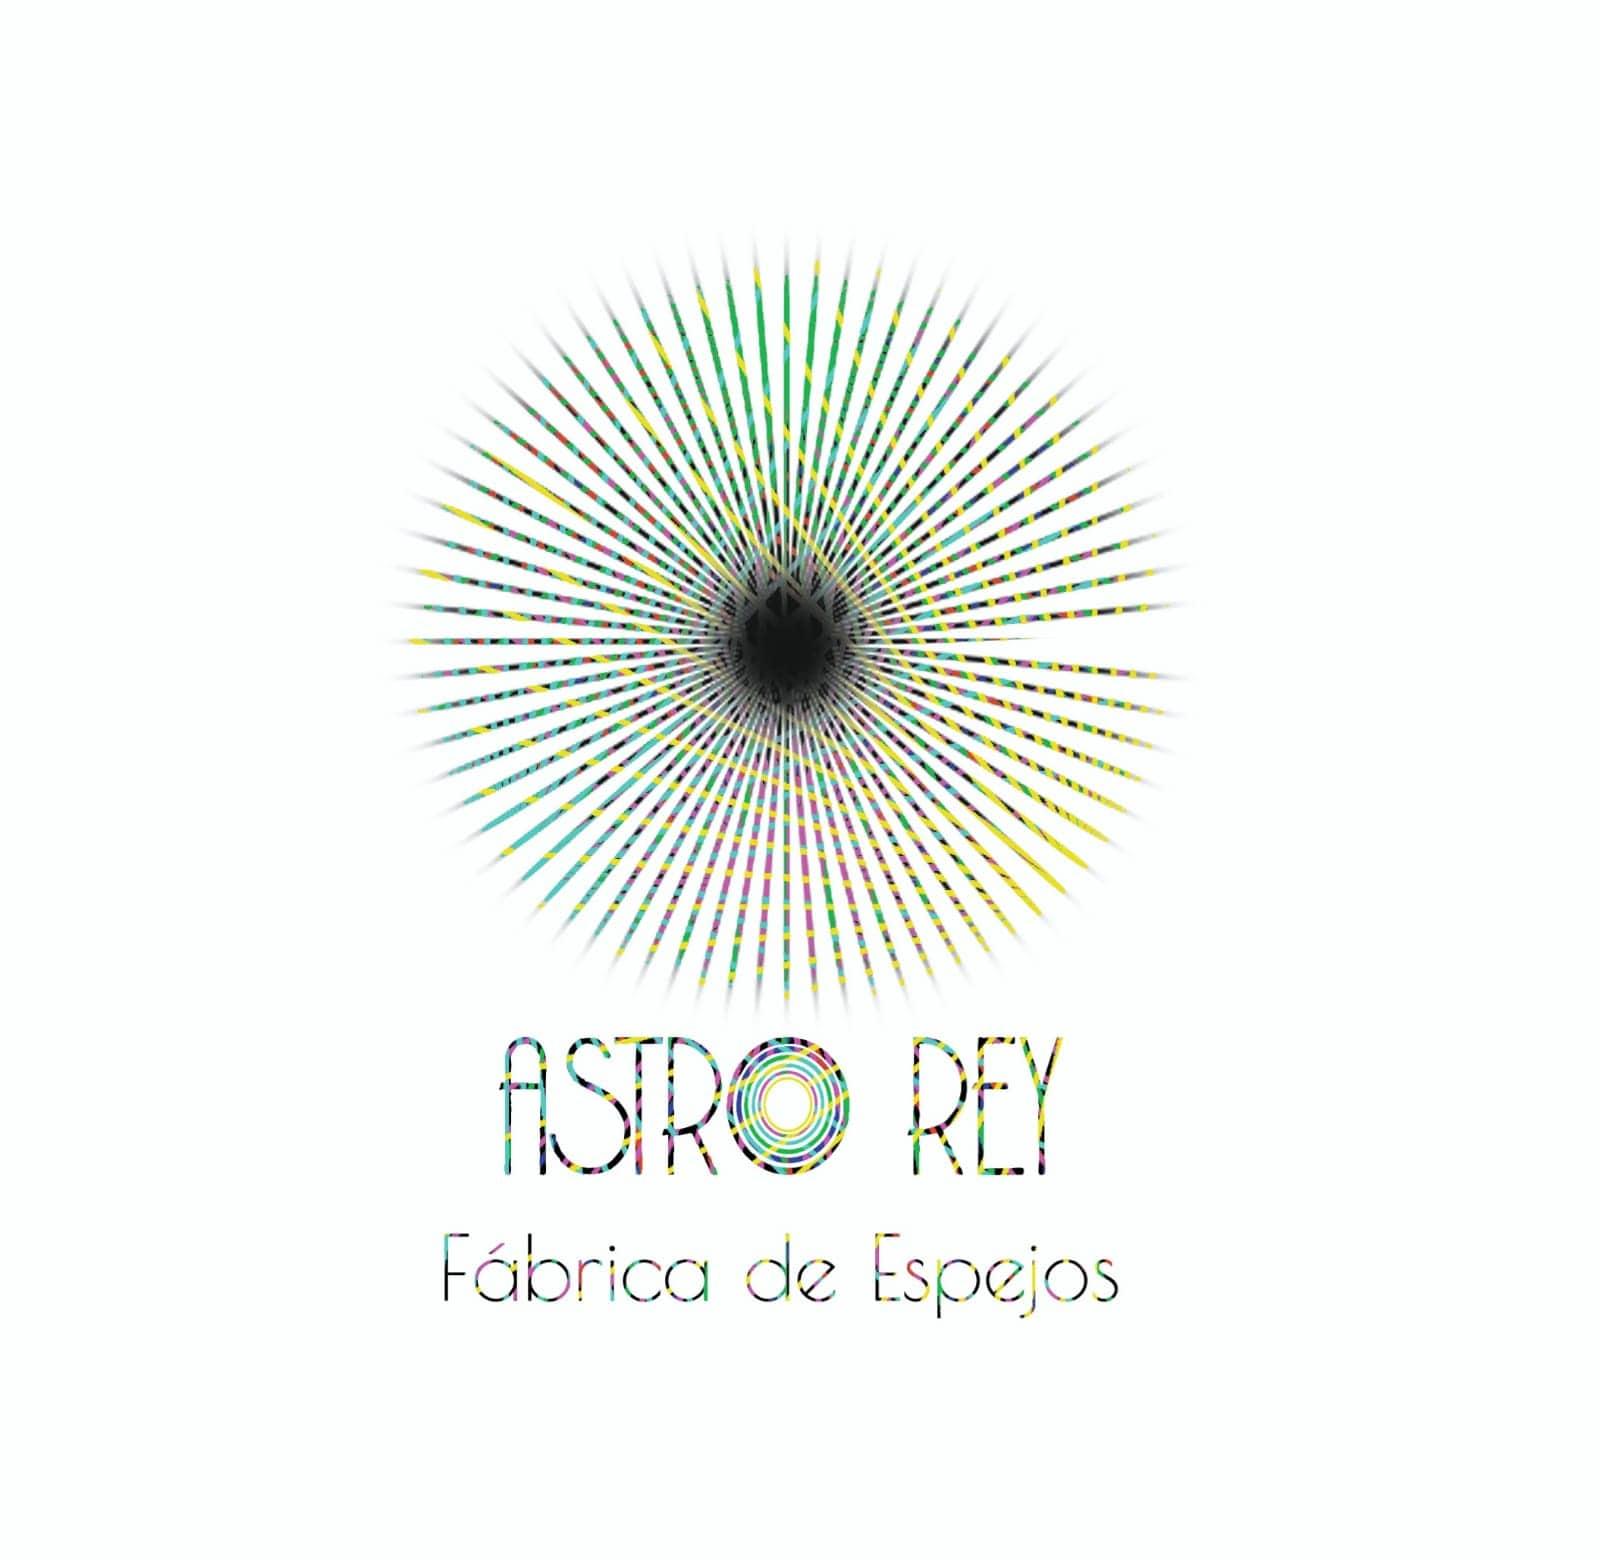 portada del album Astro Rey